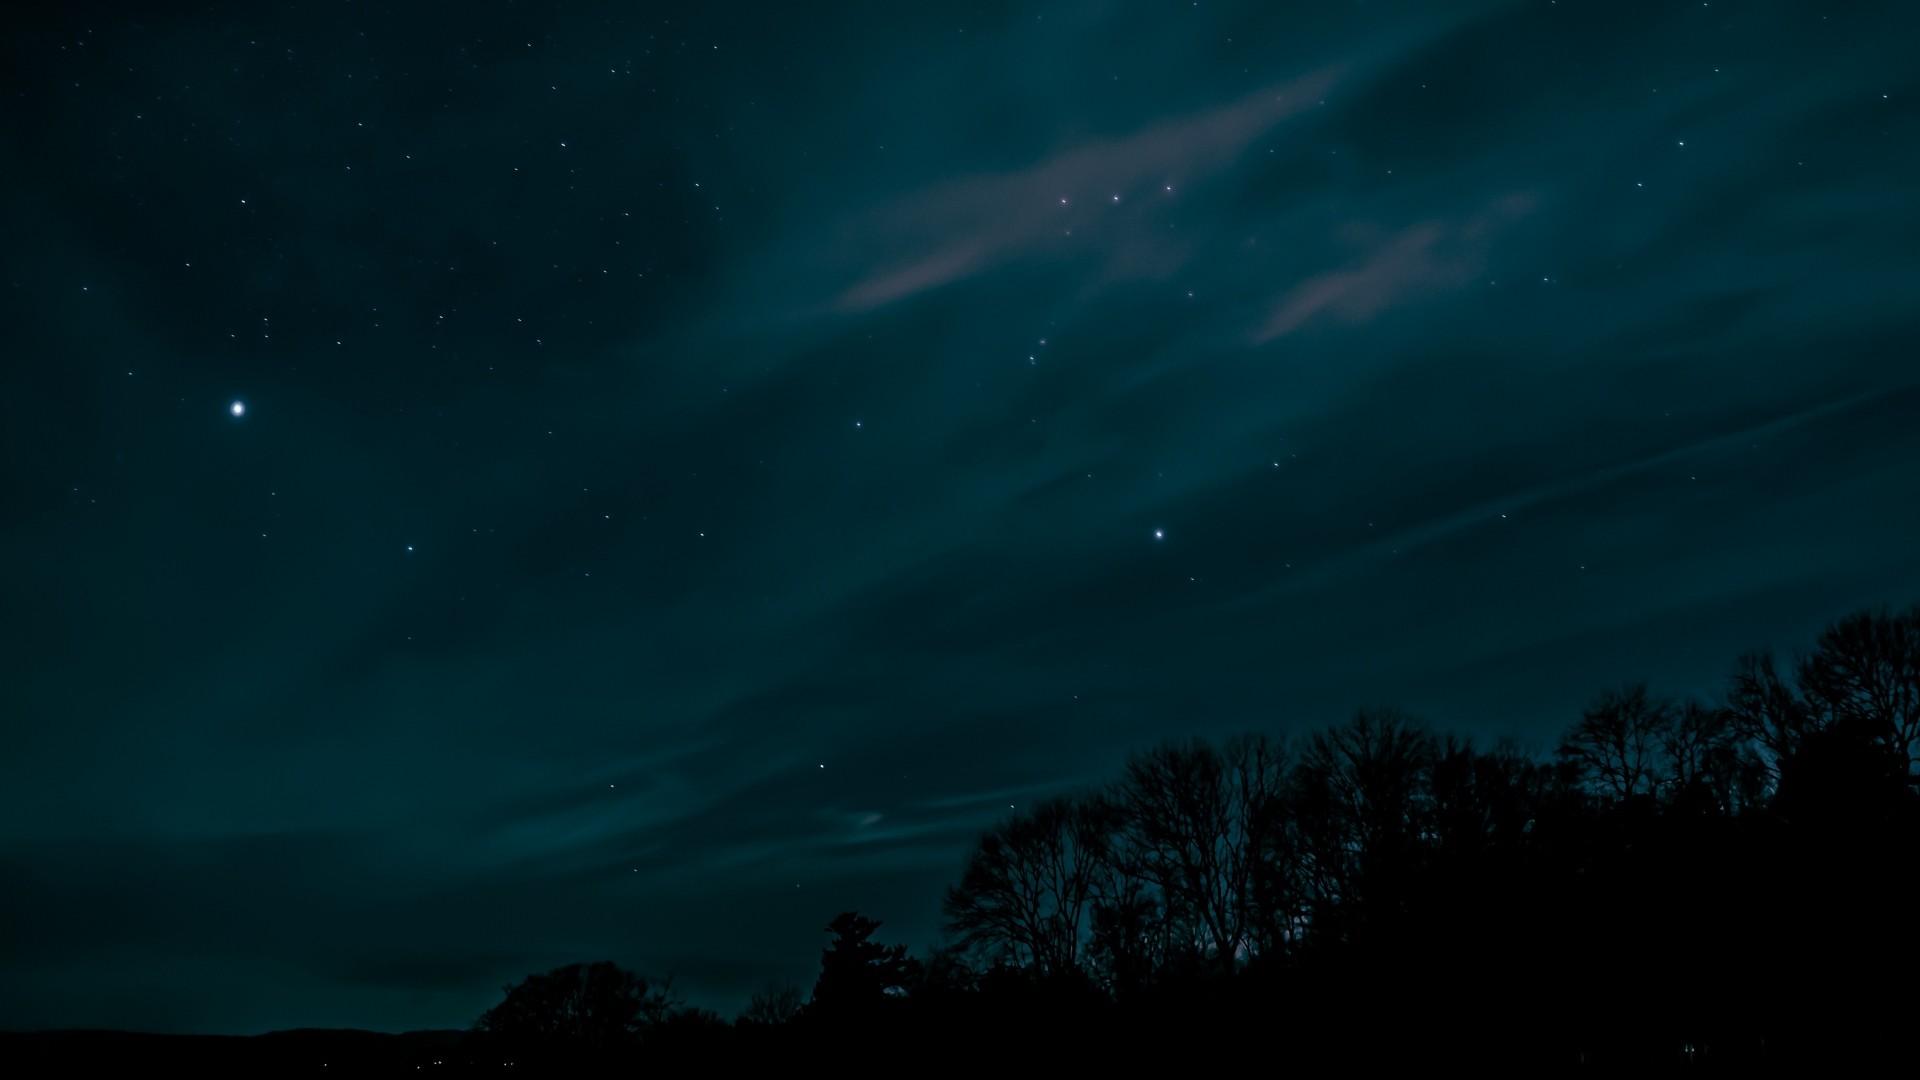 wallpaper night sky 183��